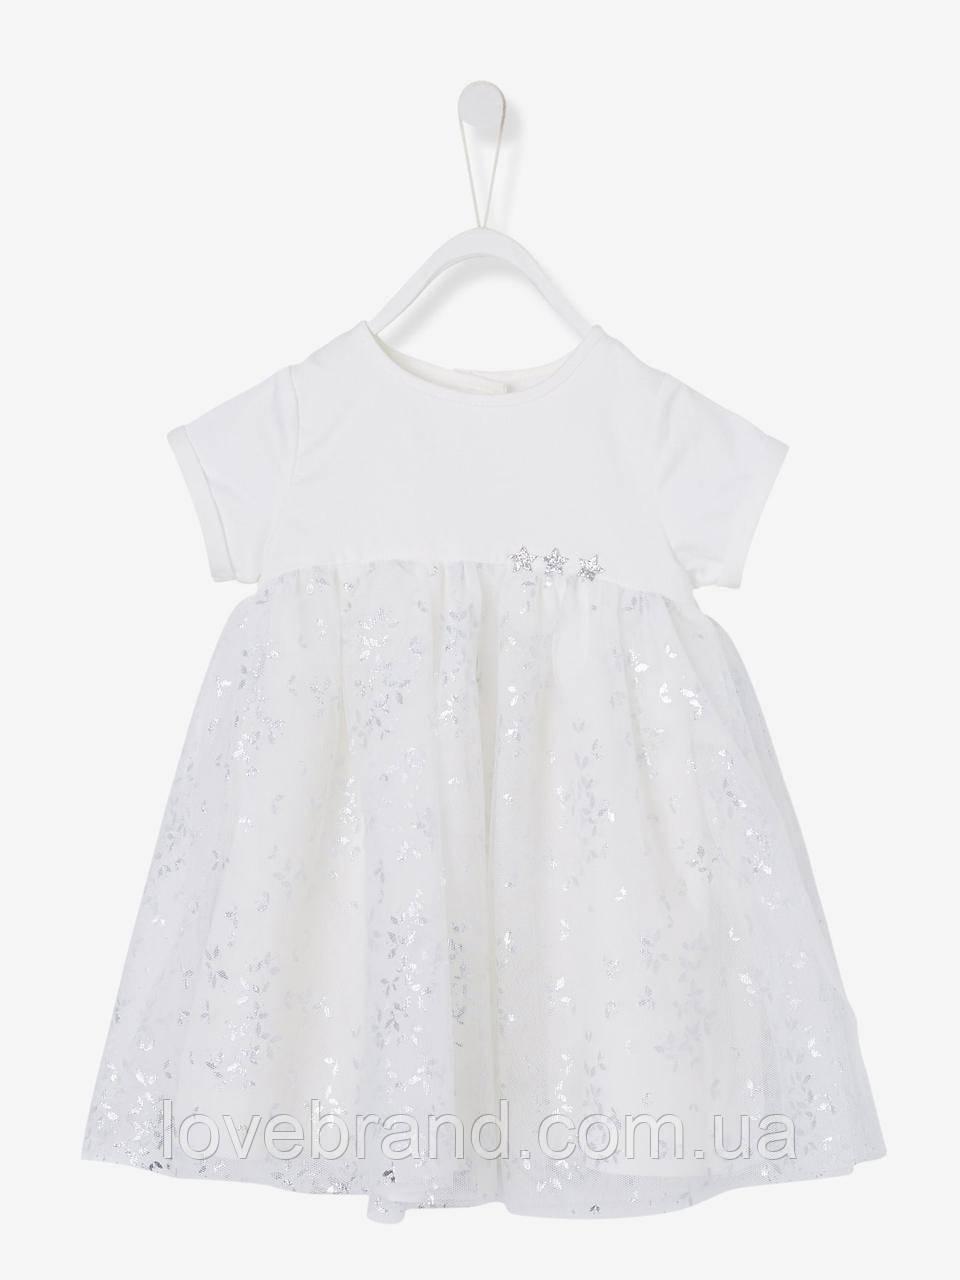 Белое платье на девочку Vertbaudet (Франция) 6 мес/67 см